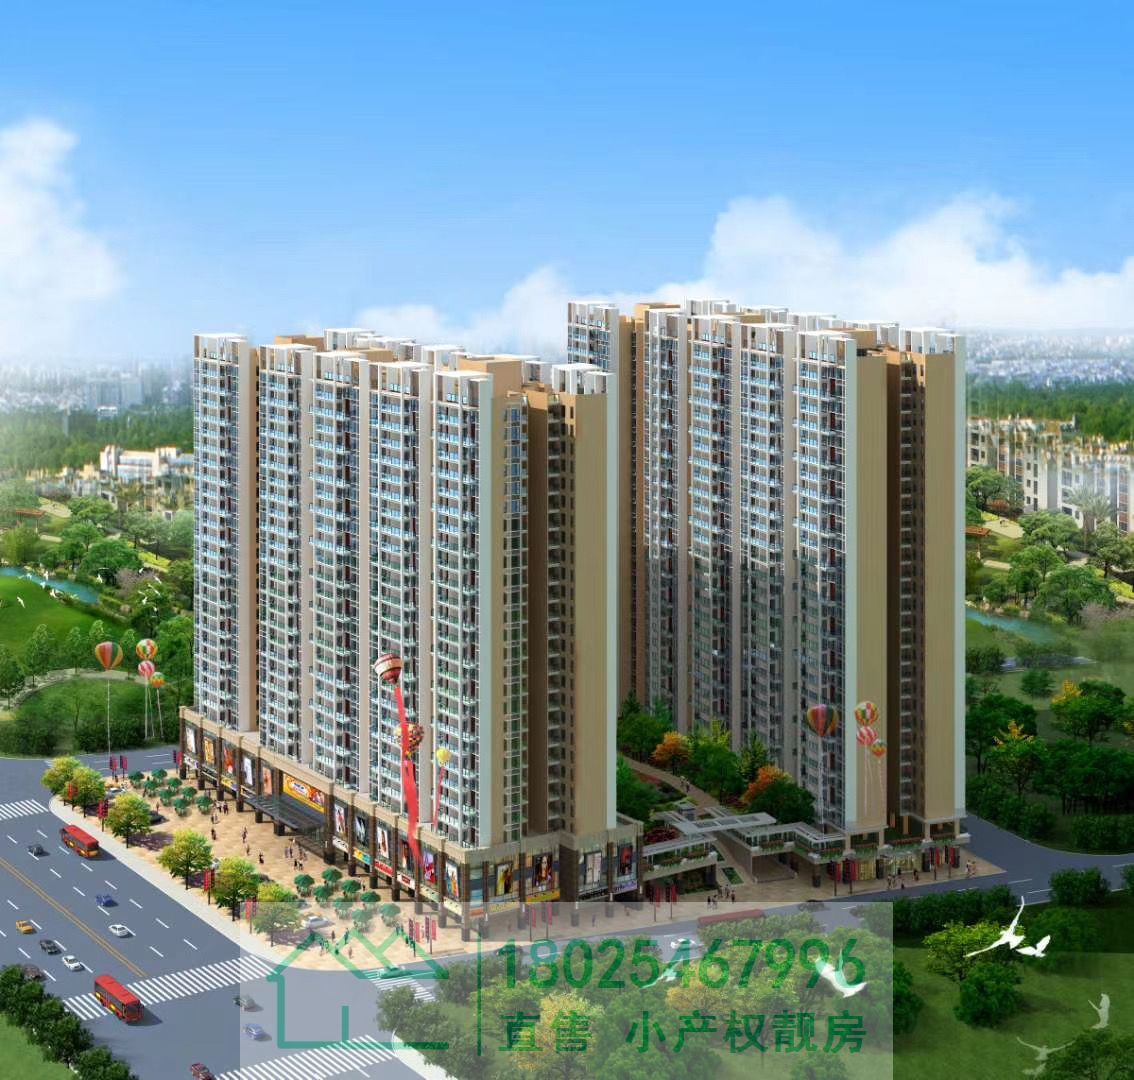 深圳海岸城村委统建楼,沙井中心国际6栋花园小区